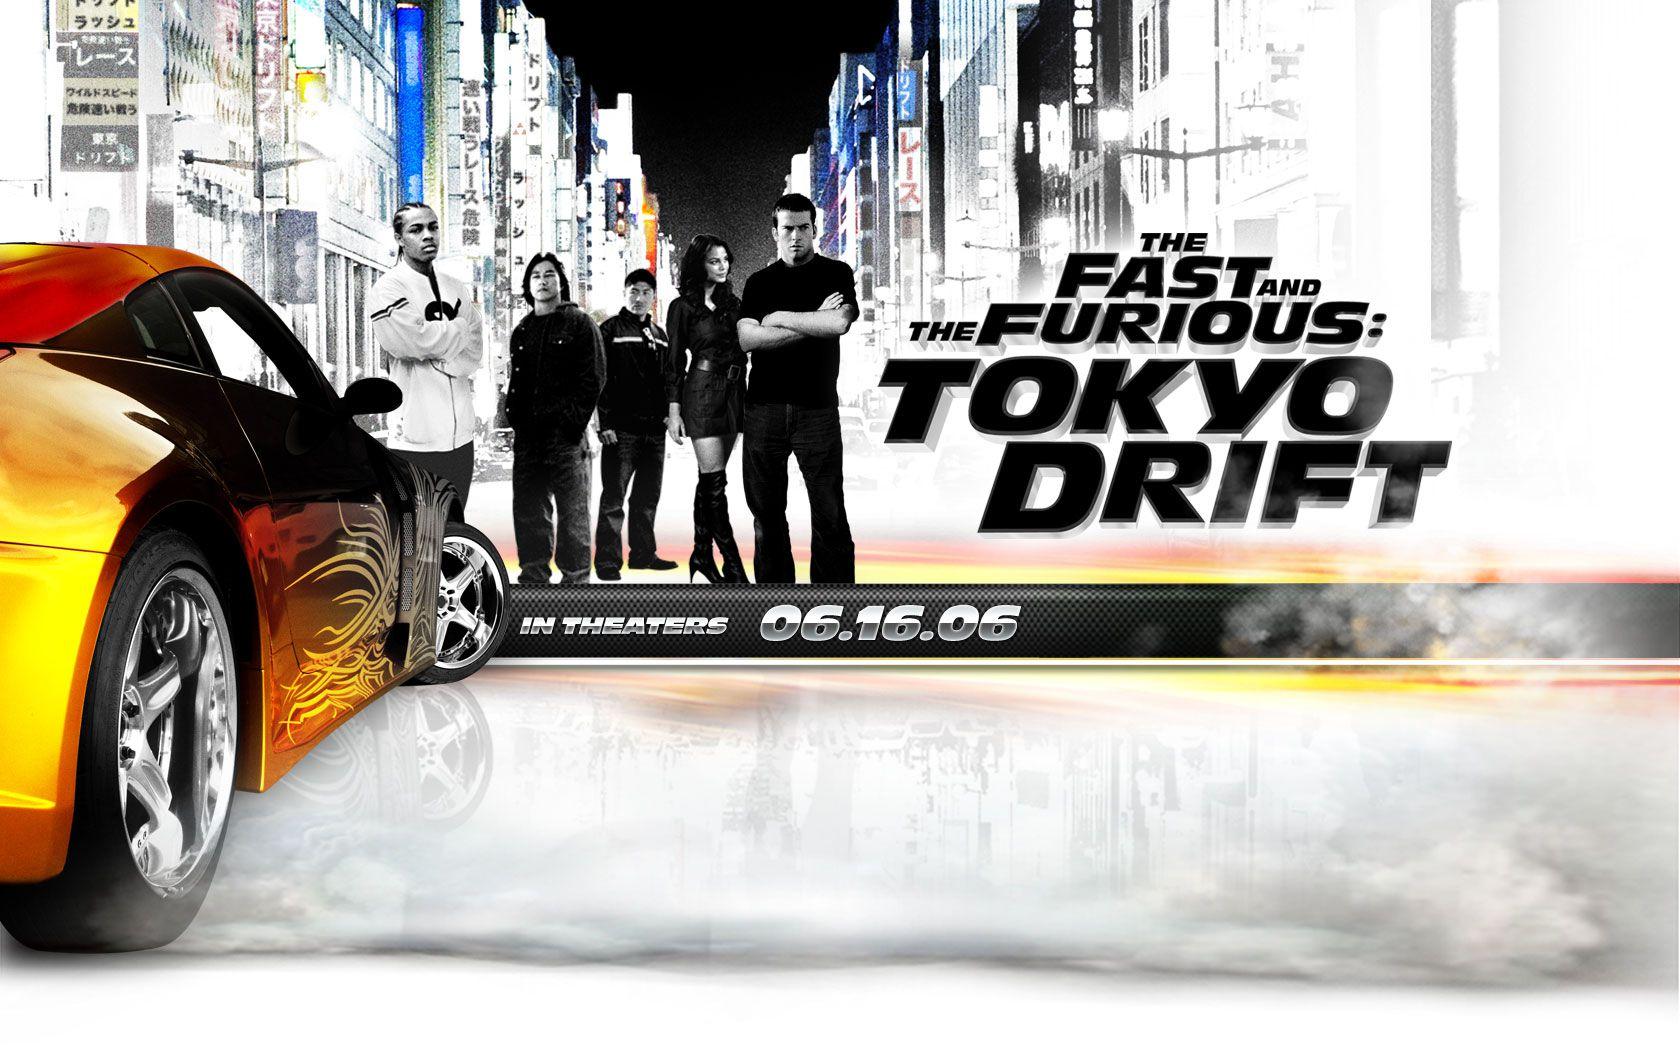 Tổng hợp các phần của series phim hành động tốc độ 'Fast & Furious' (3)